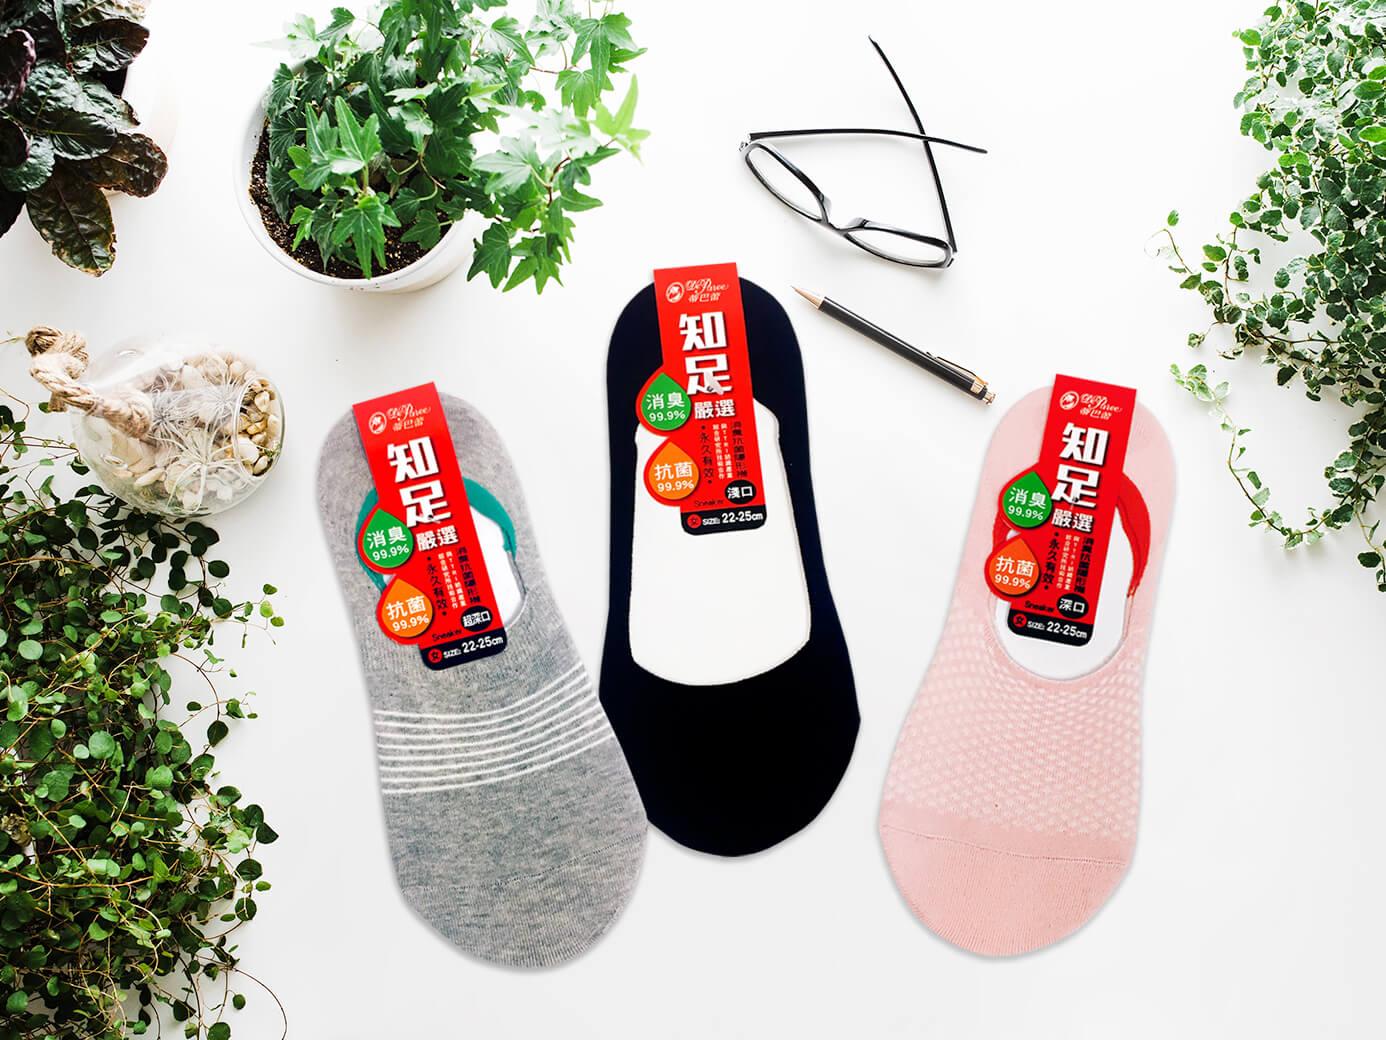 蒂巴蕾知足嚴選消臭抗菌隱形襪,讓您穿搭容易、潔淨更加分